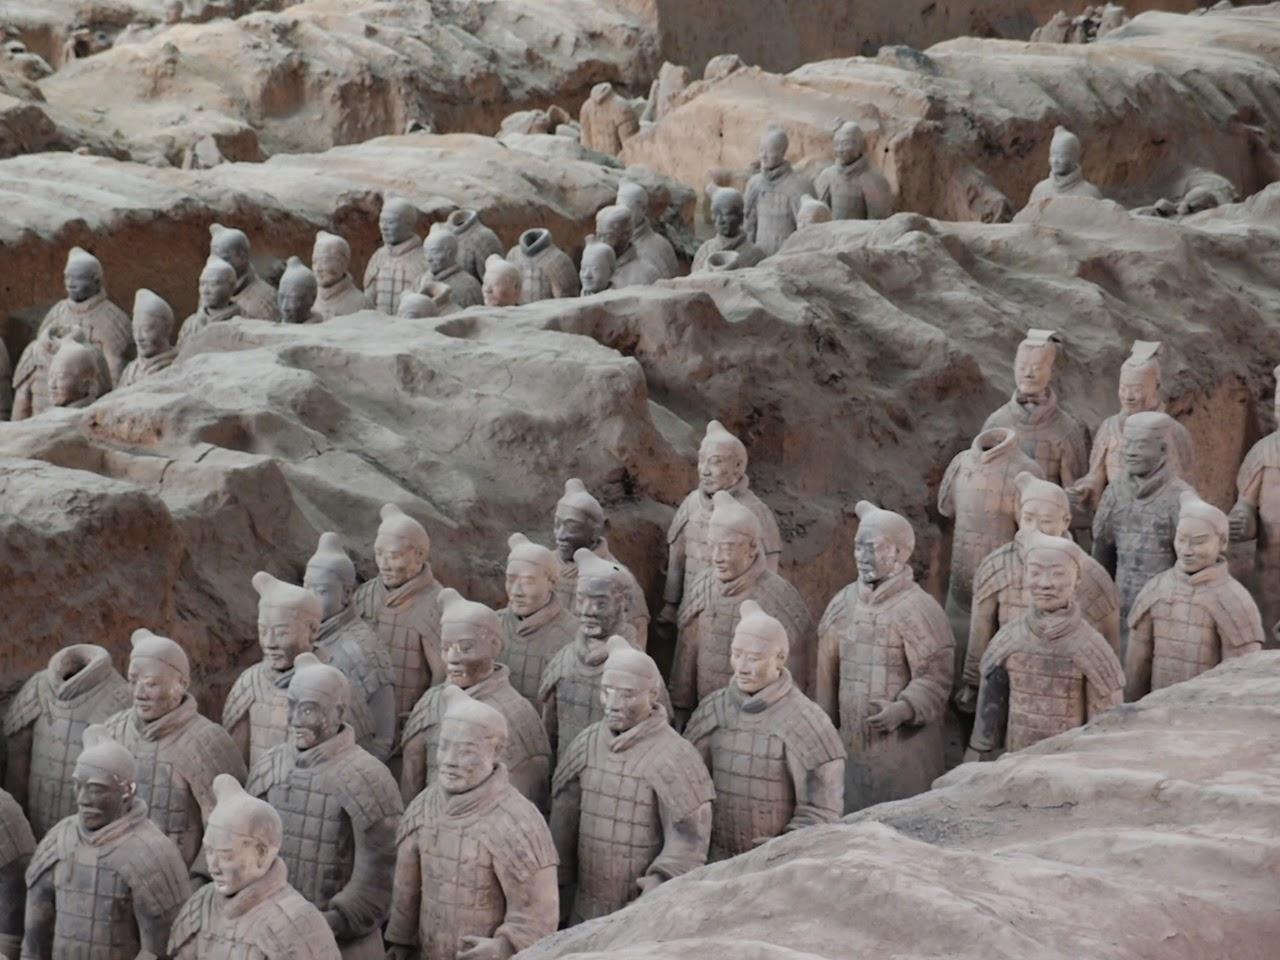 Los Guerreros de Xi'an: del mito a las exposiciones internacionales